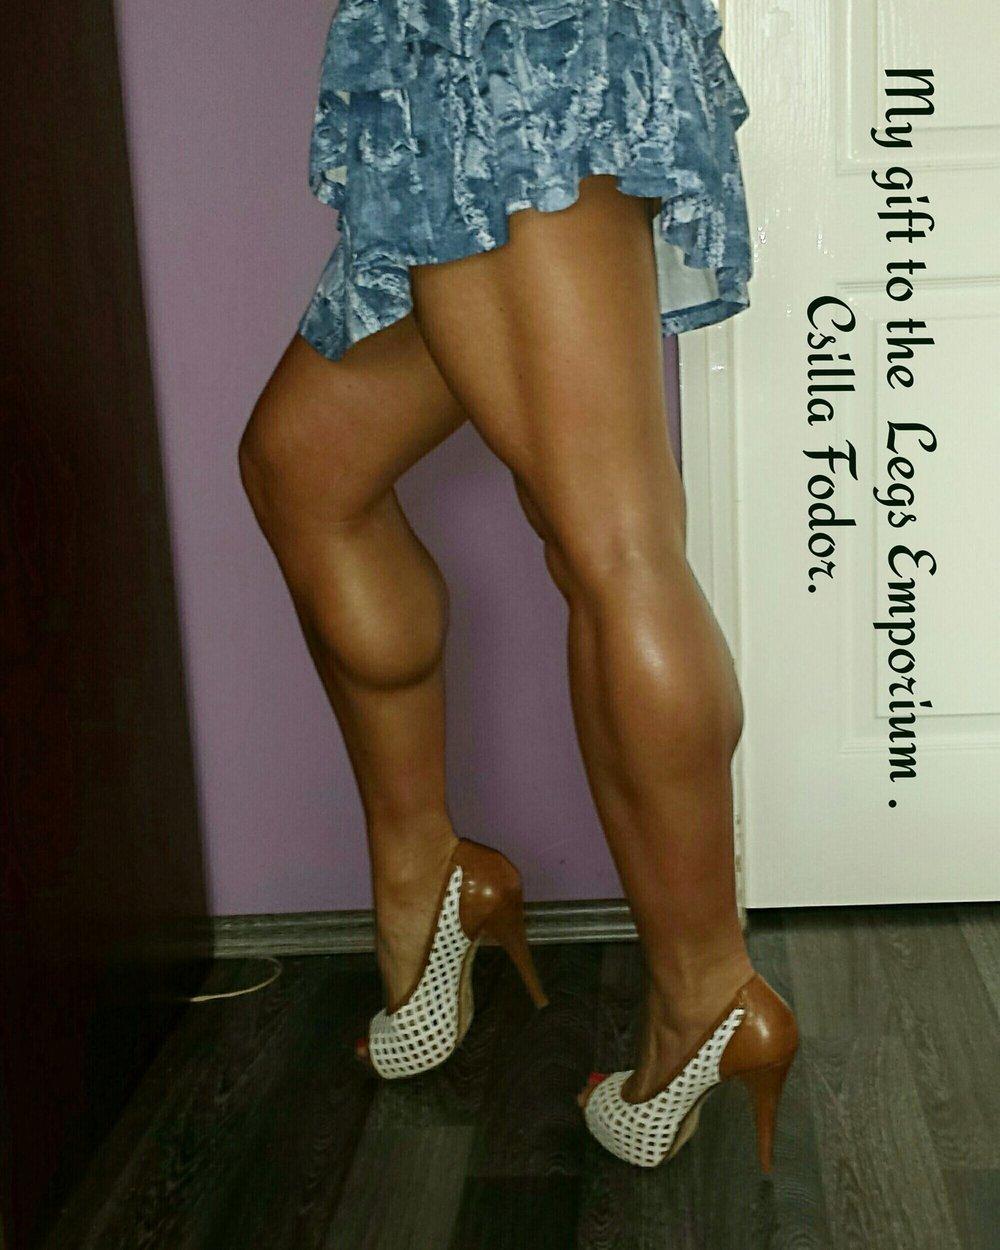 Csilla_Fodor_Gift_to_Legs_Emporium